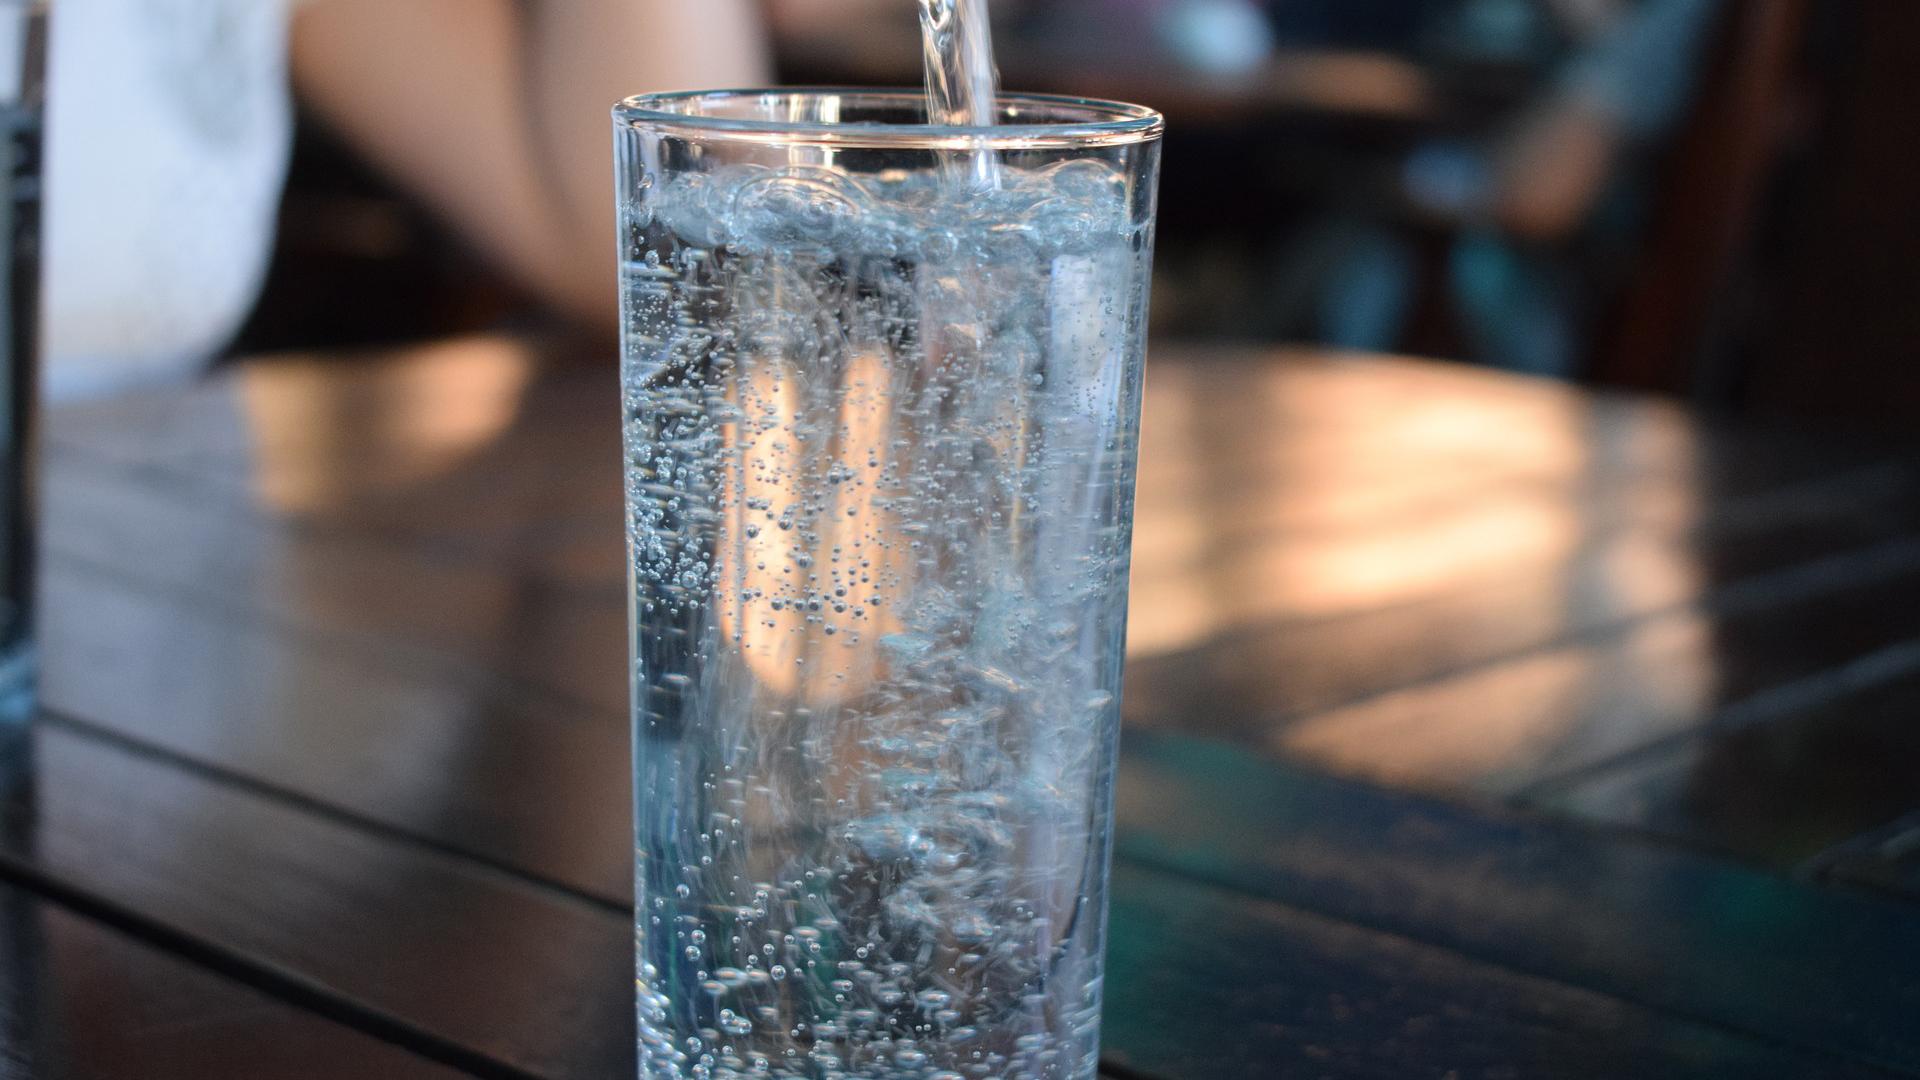 Έλεγχος νερού - Legionella